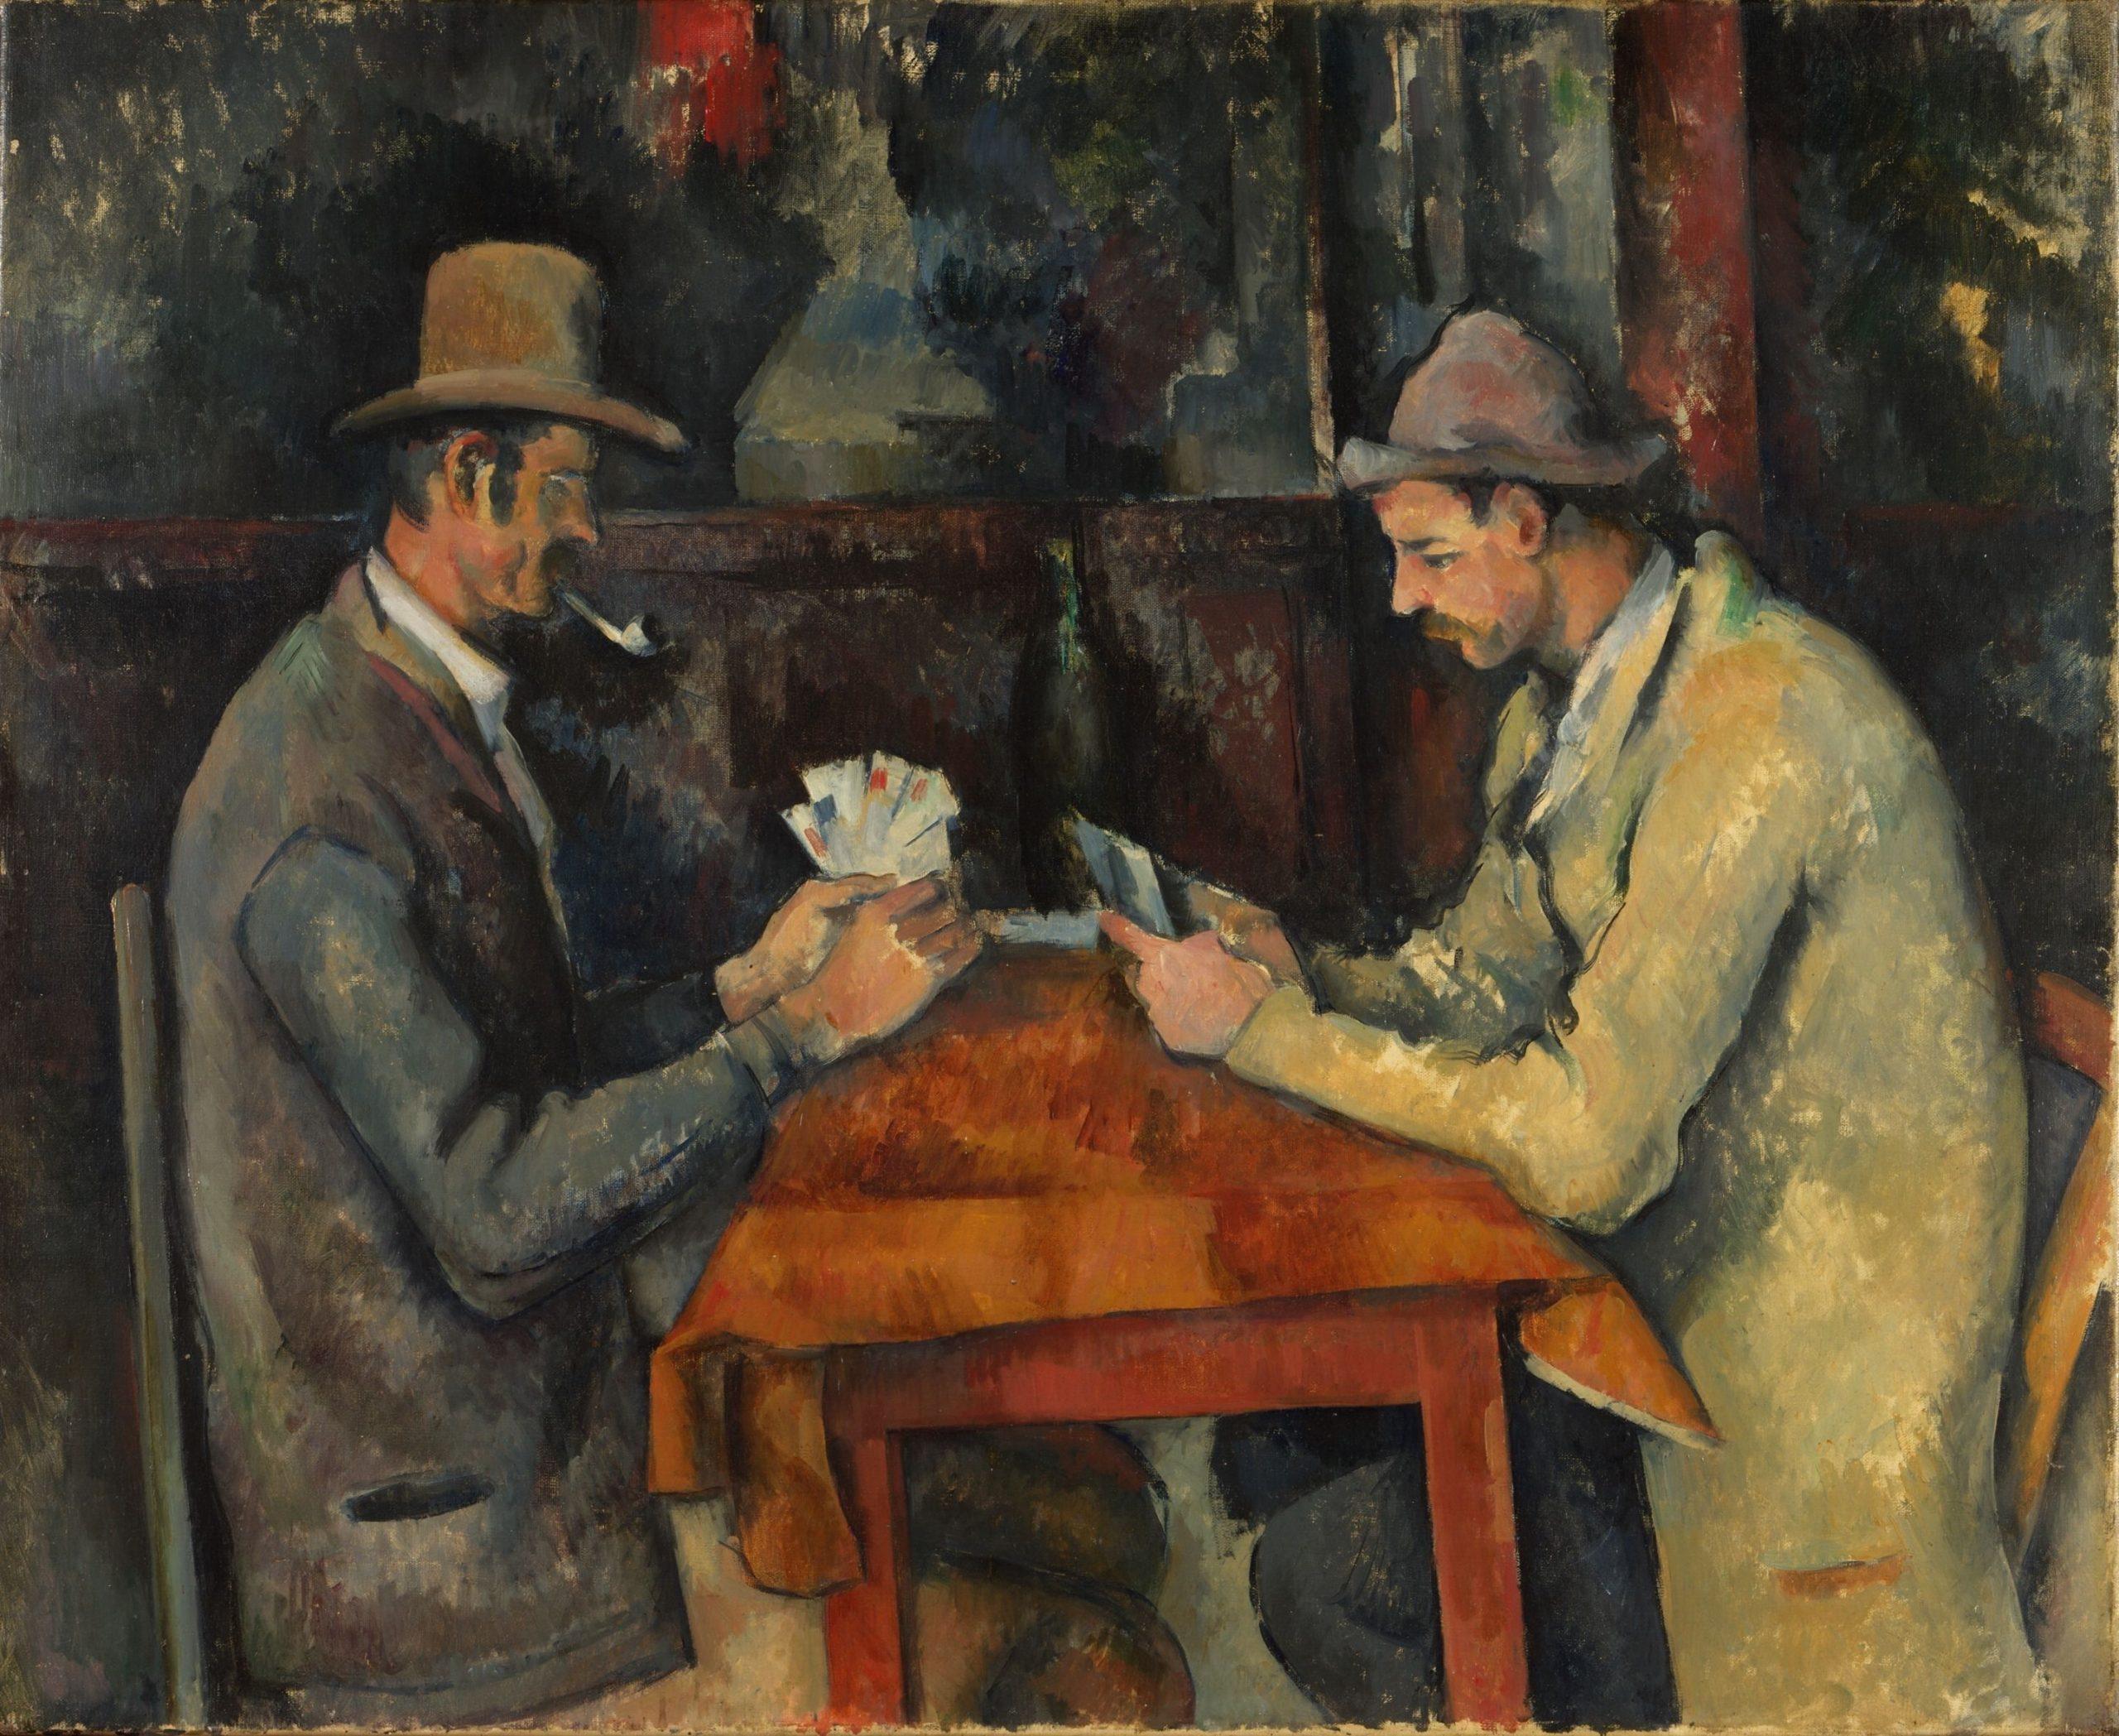 Les joueurs de carte (The Card Players)